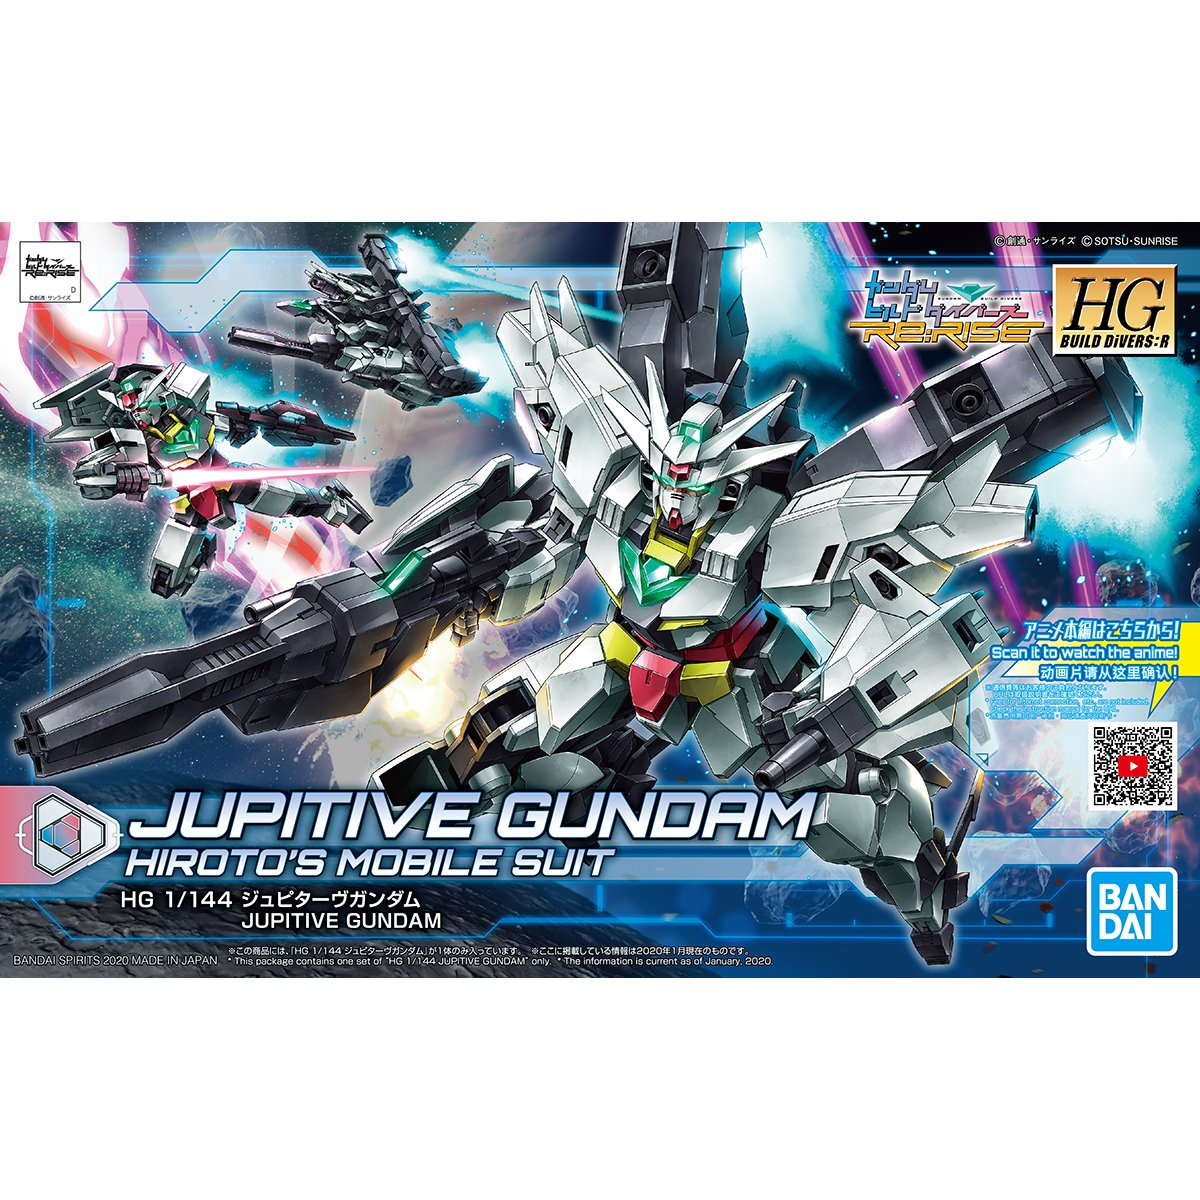 鋼彈gundam組合模型 HGBD:R 1/144 創鬥者潛網大戰Re:RISE #013 木星5式鋼彈